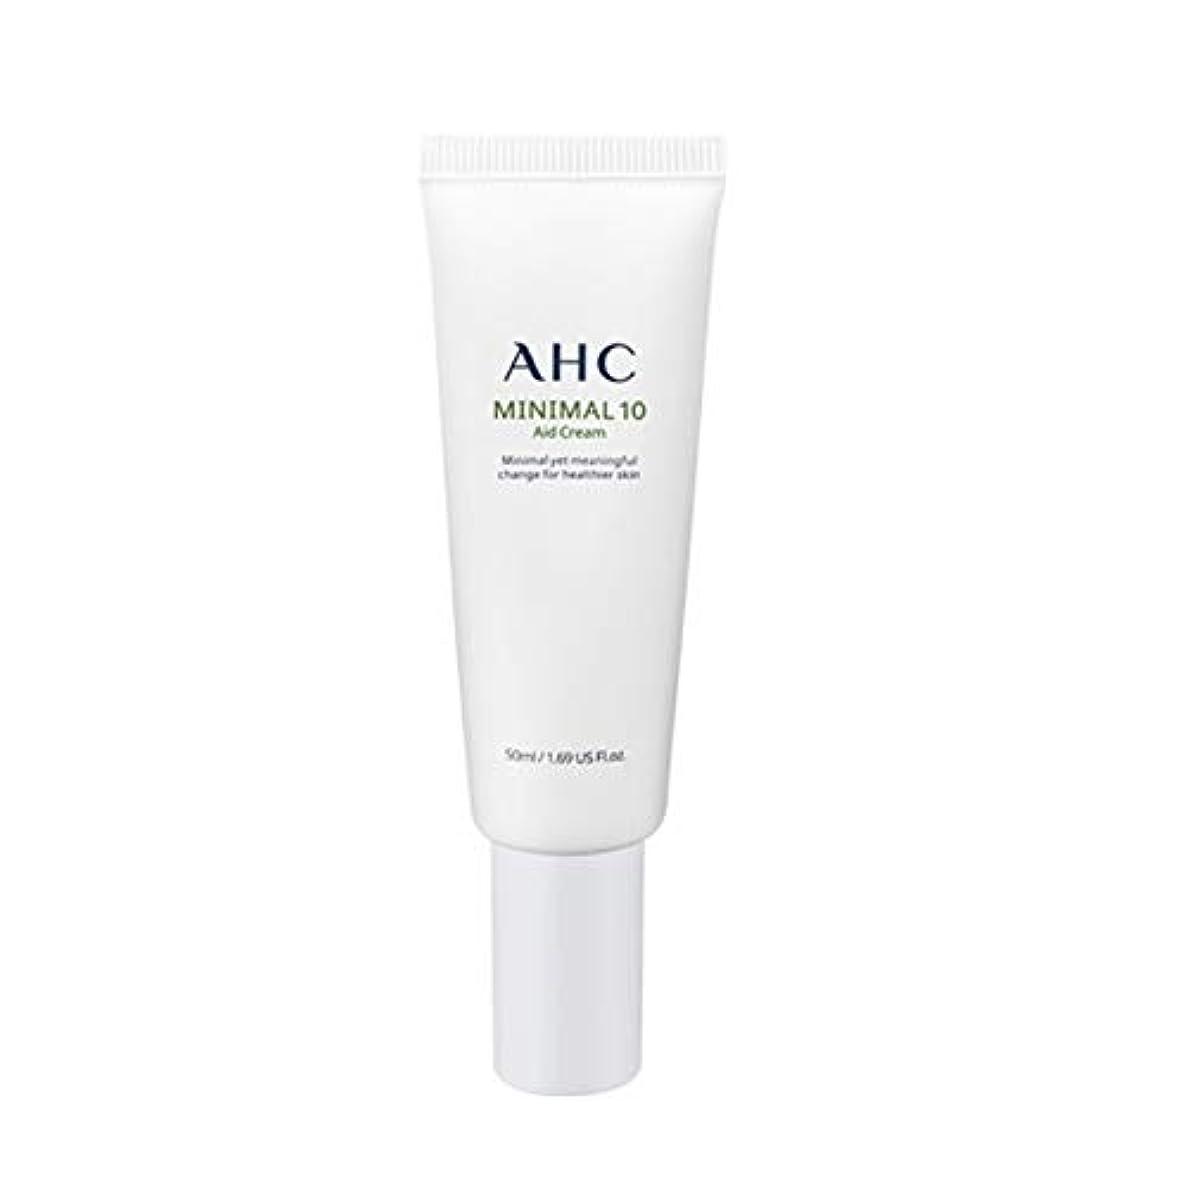 ワームデータム味わうAHC ミニマル10エイドクリーム 50ml / AHC MINIMAL 10 AID CREAM 50ml [並行輸入品]